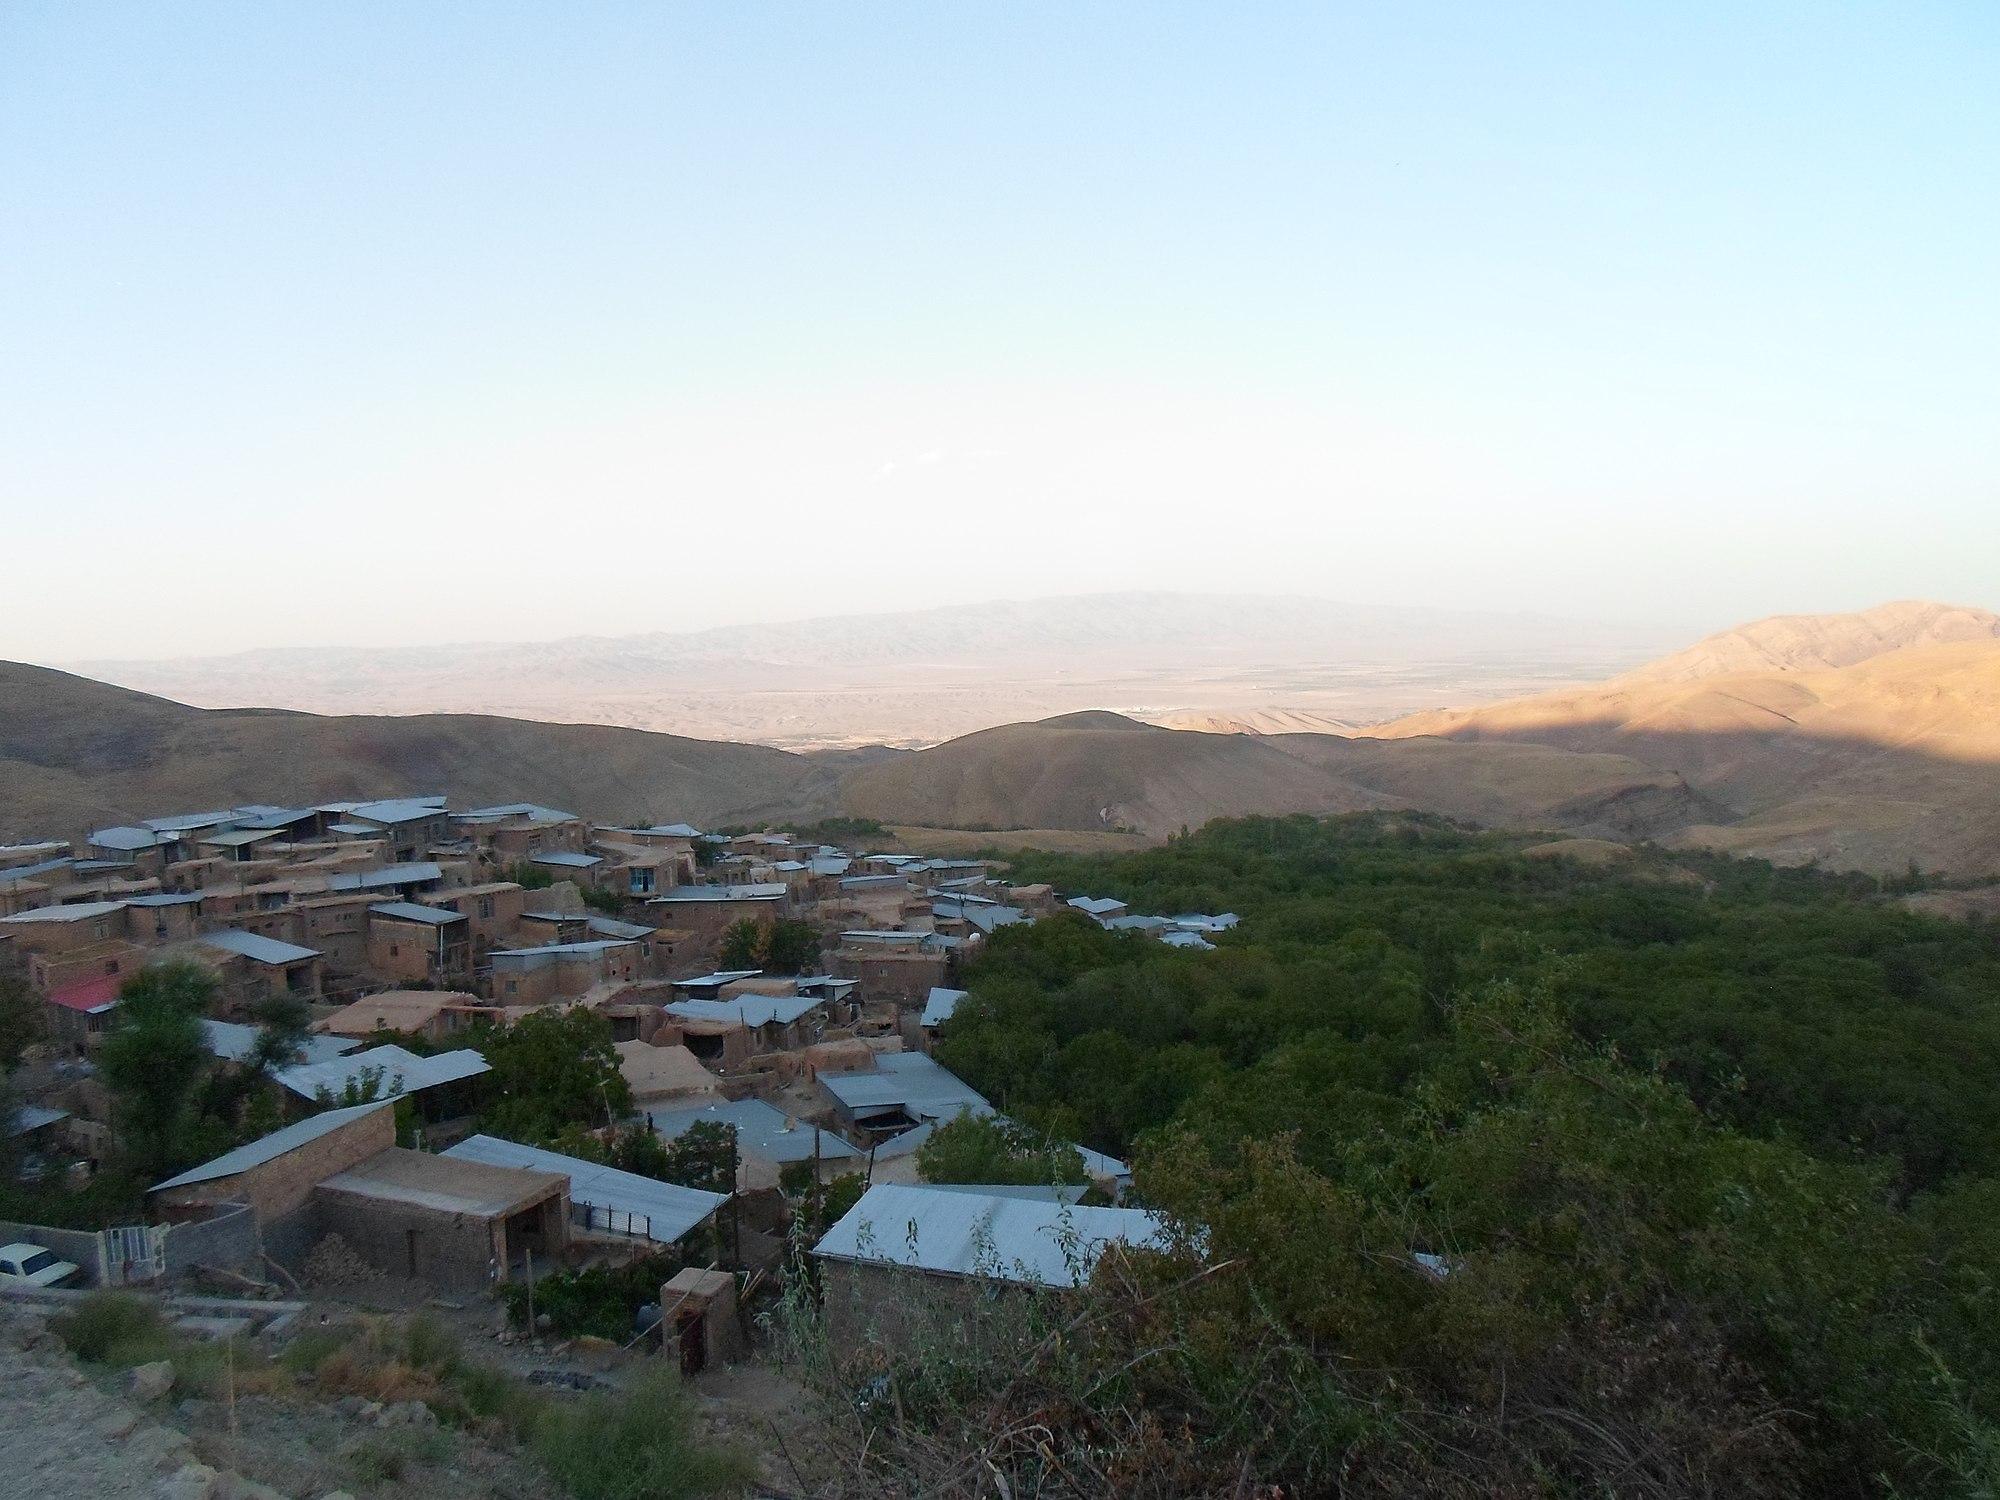 غازمآباد (بخش نوبران)